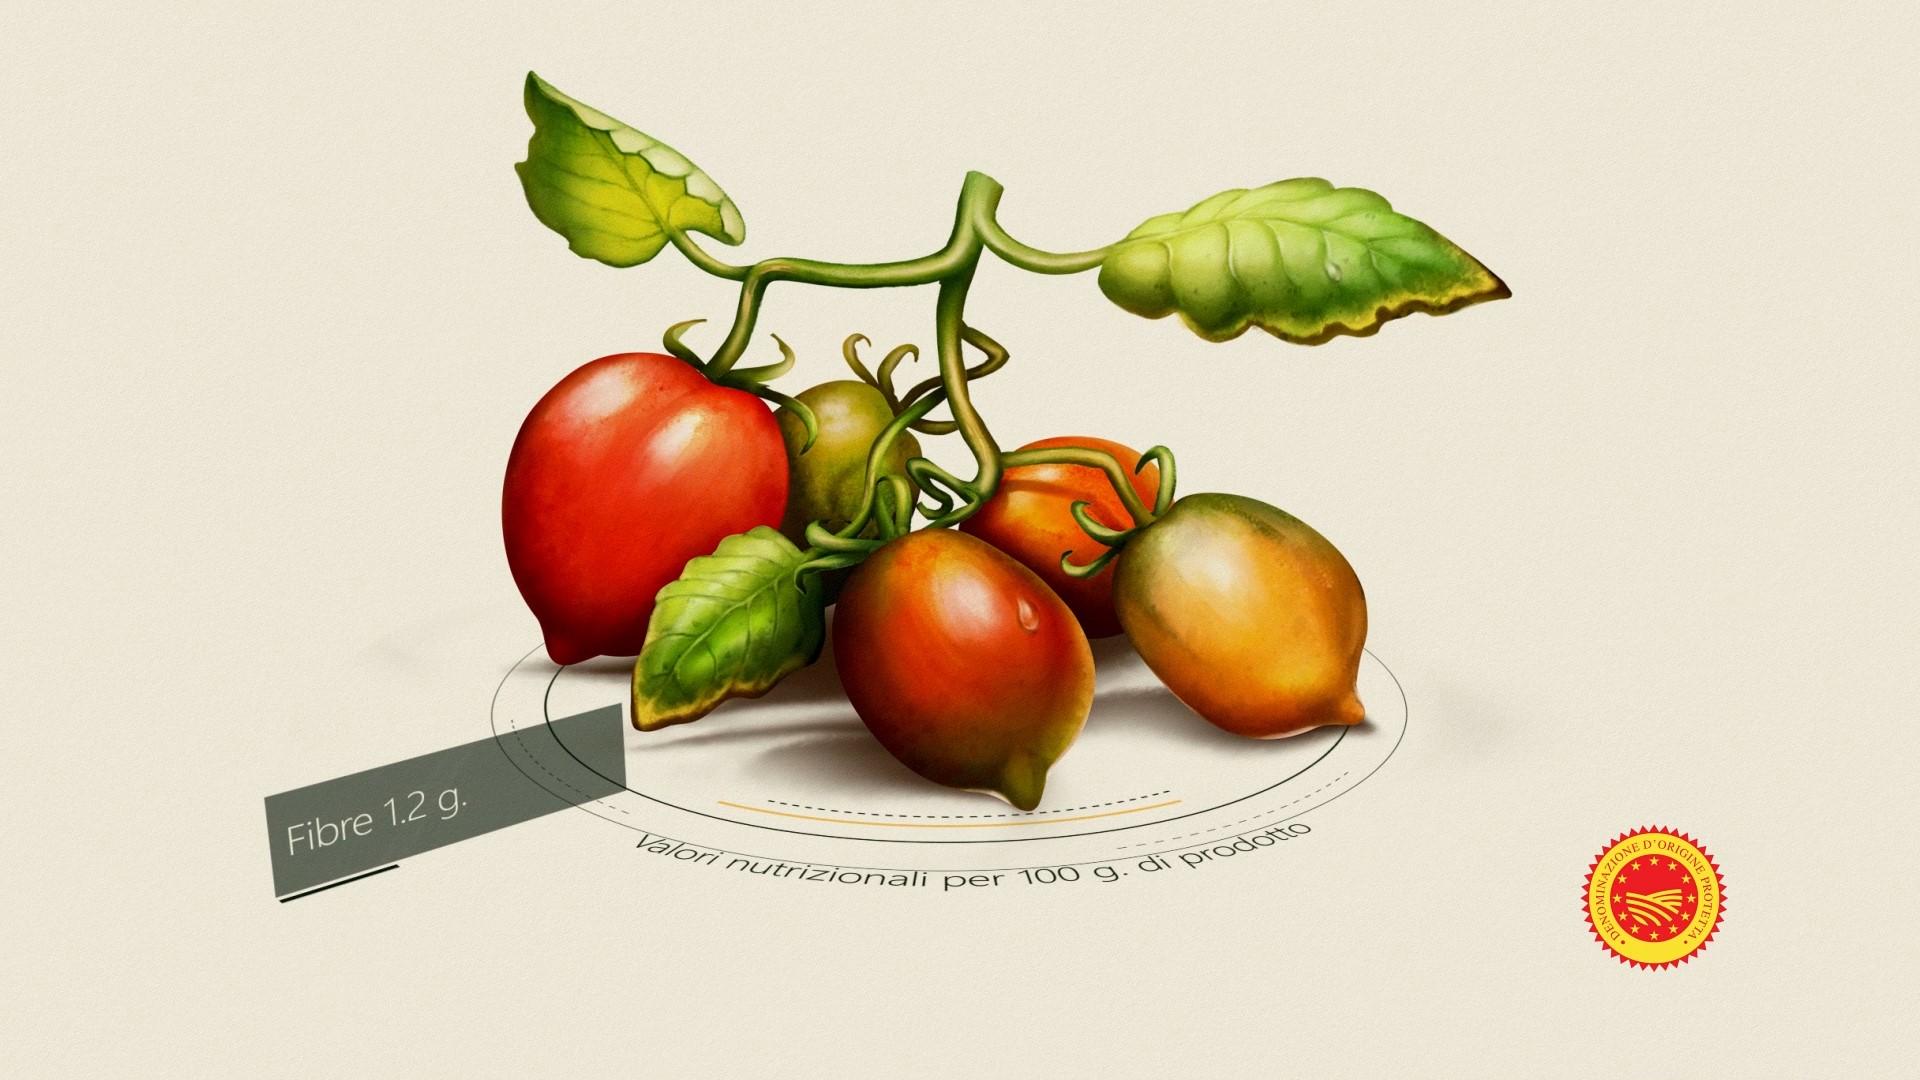 Il Pomodorino del Piennolo